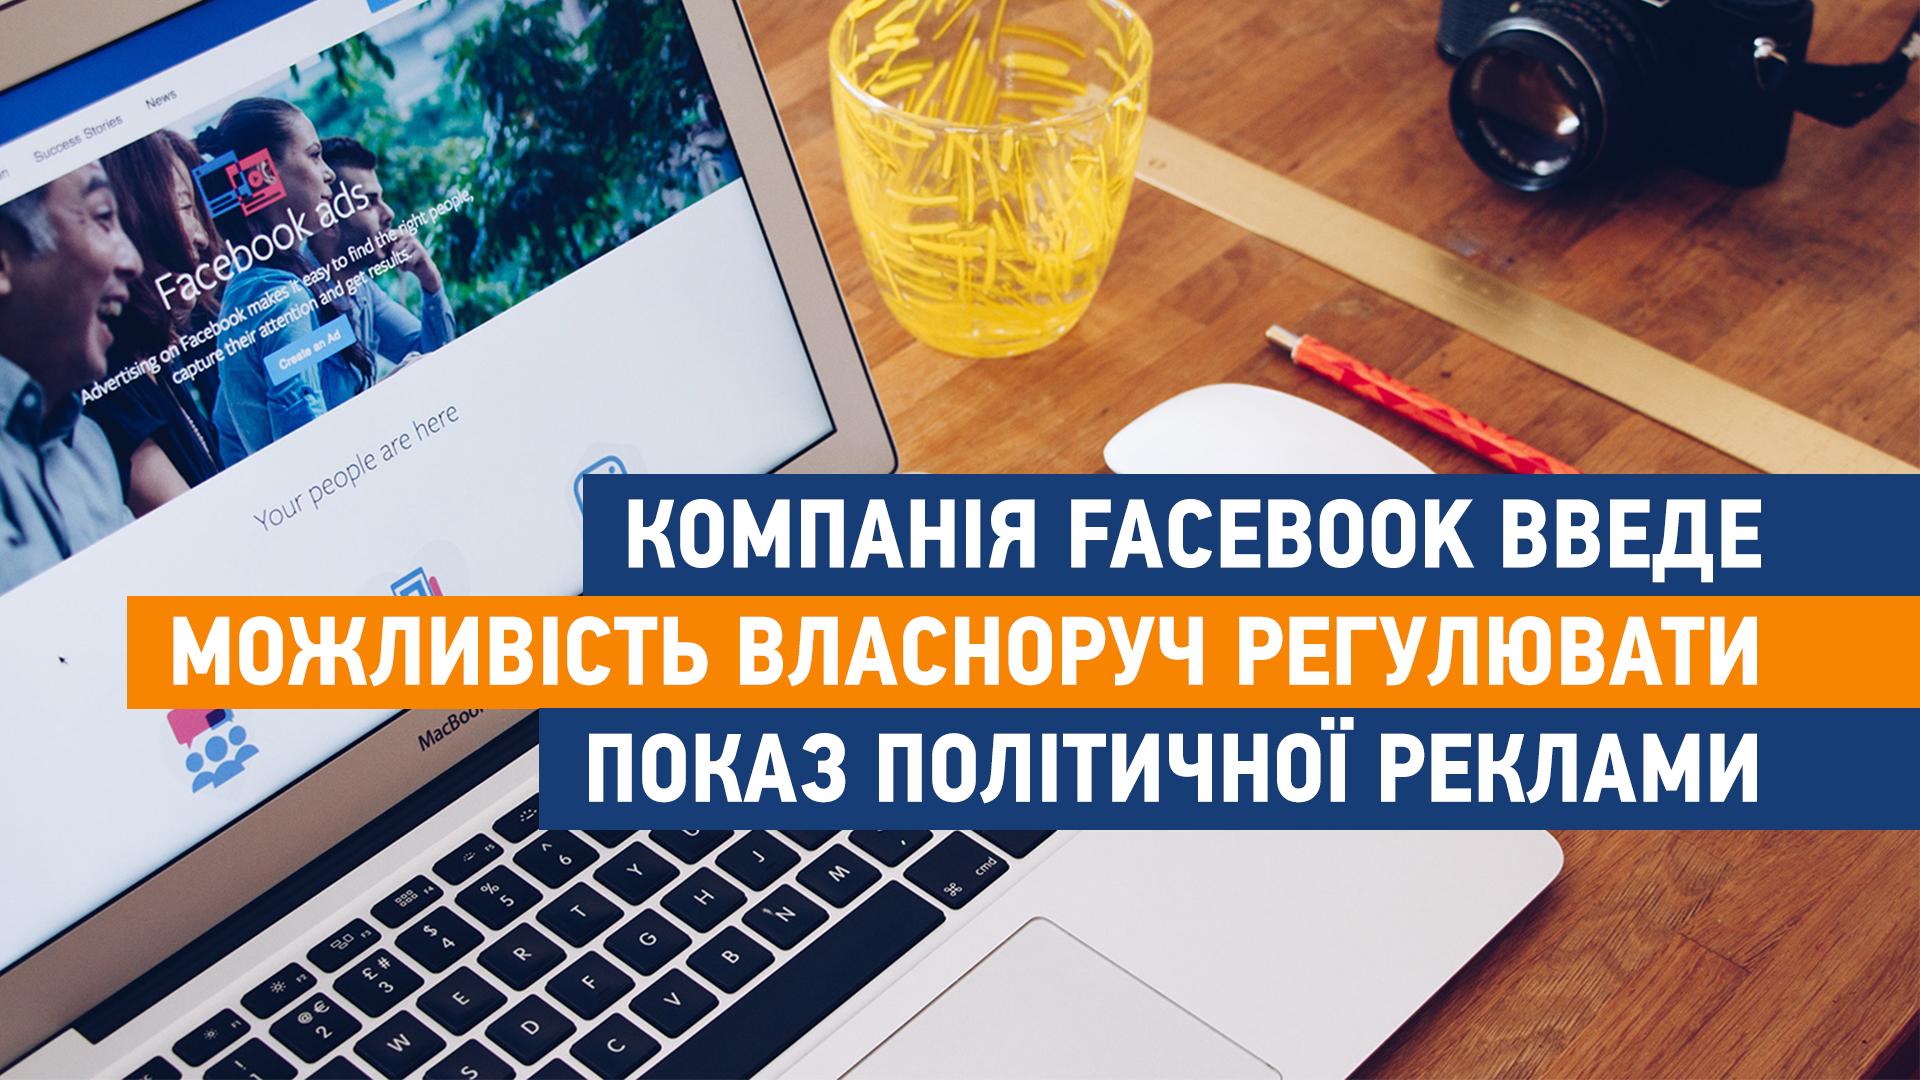 Компанія Facebook введе можливість власноруч регулювати показ політичної реклами - реклама, політика, вибори, Facebook - fb poglyad